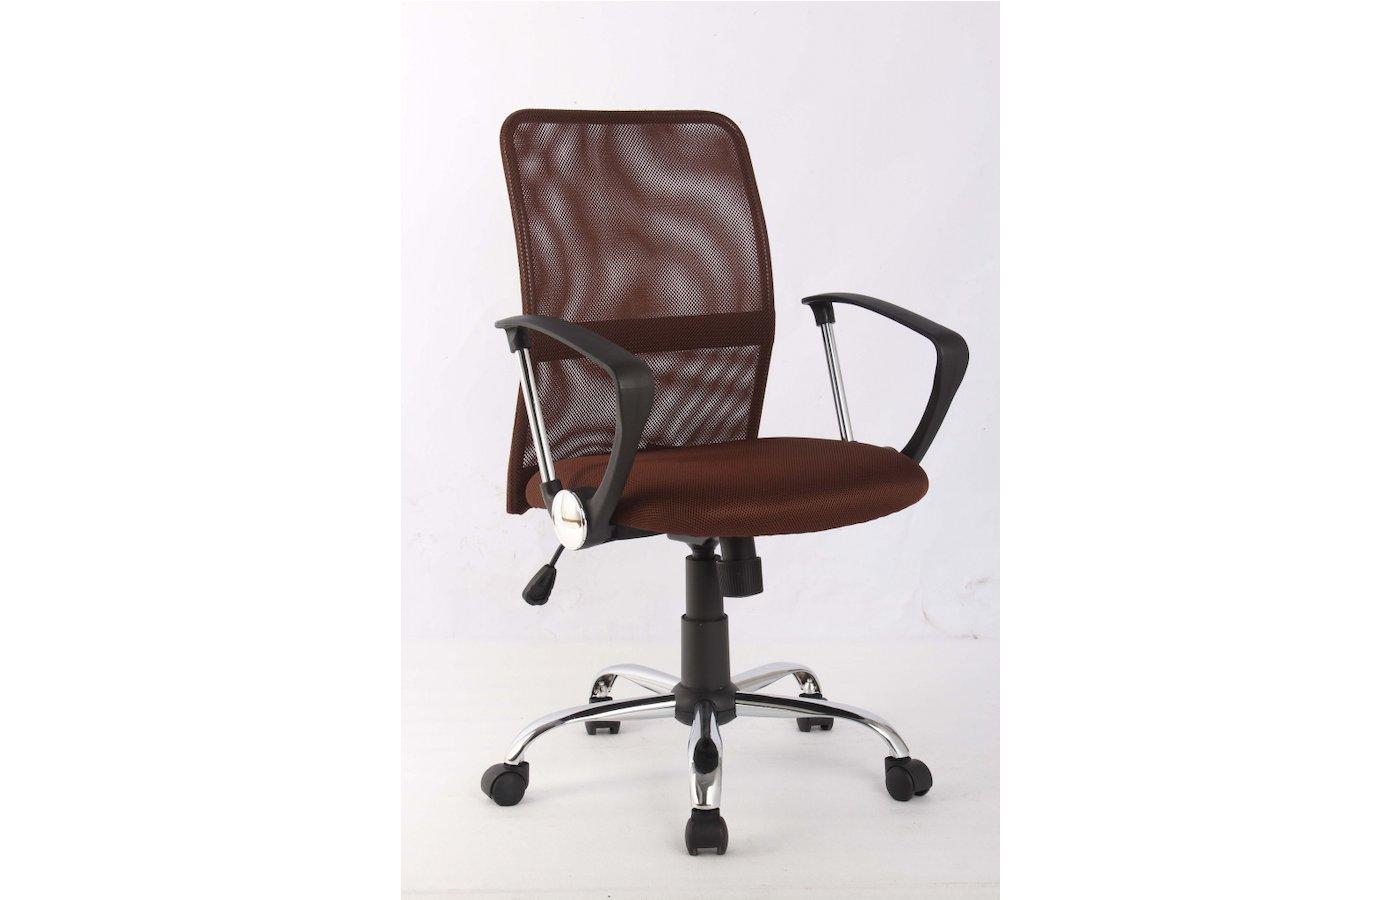 College Кресло офисное H-8078F-5 Коричневый, ткань, сетчатый акрил, 120 кг, крестовина хром/металл,